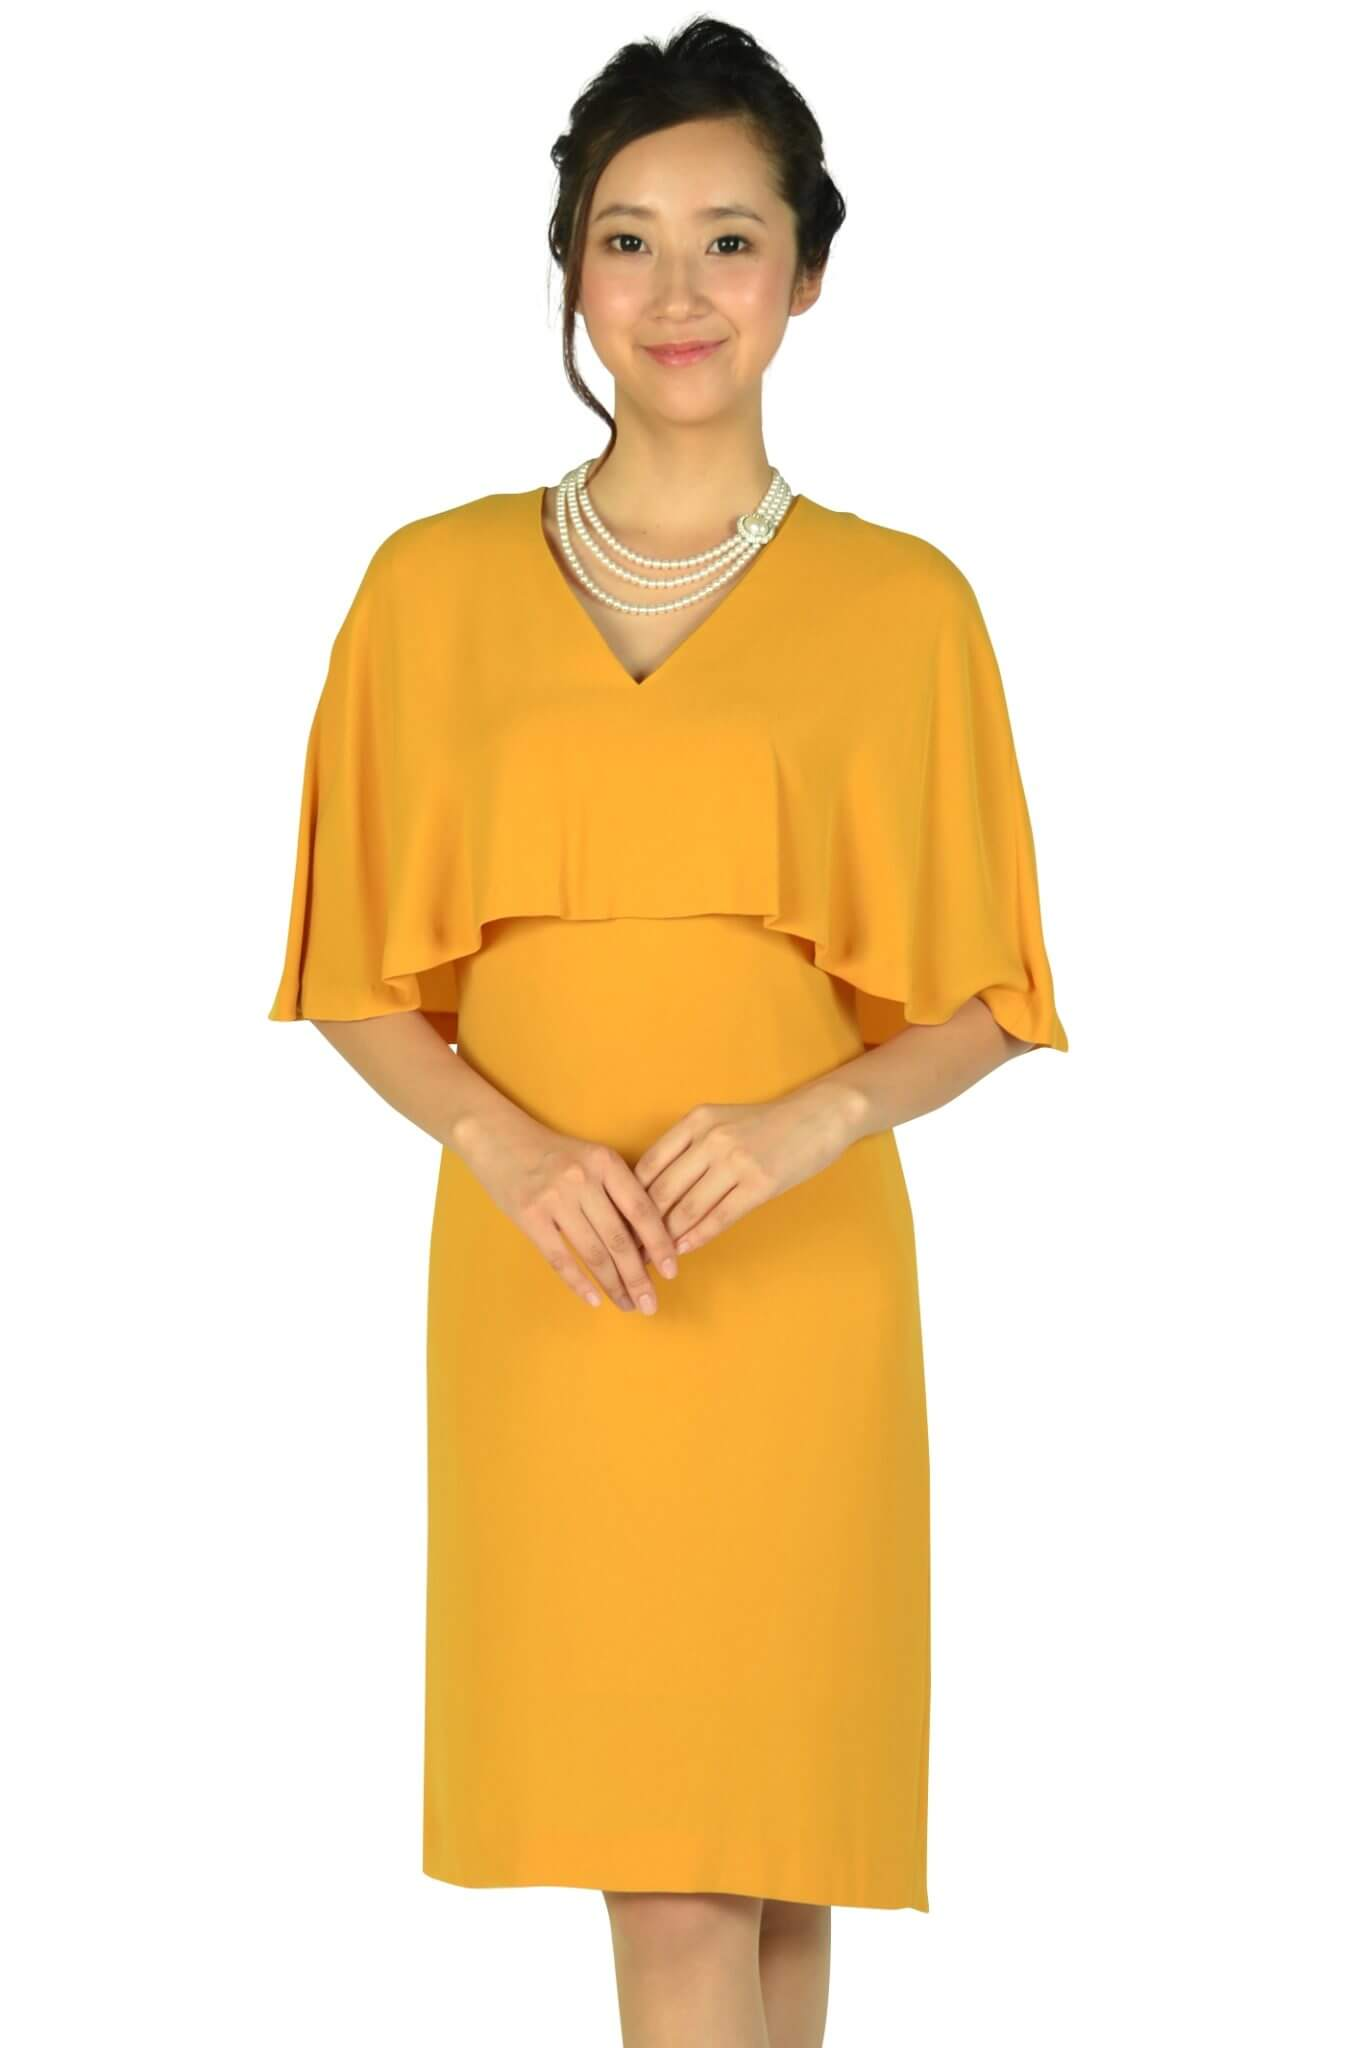 ユナイテッドアローズ(UNITED ARROWS)ケープ袖Iラインマスタードドレス